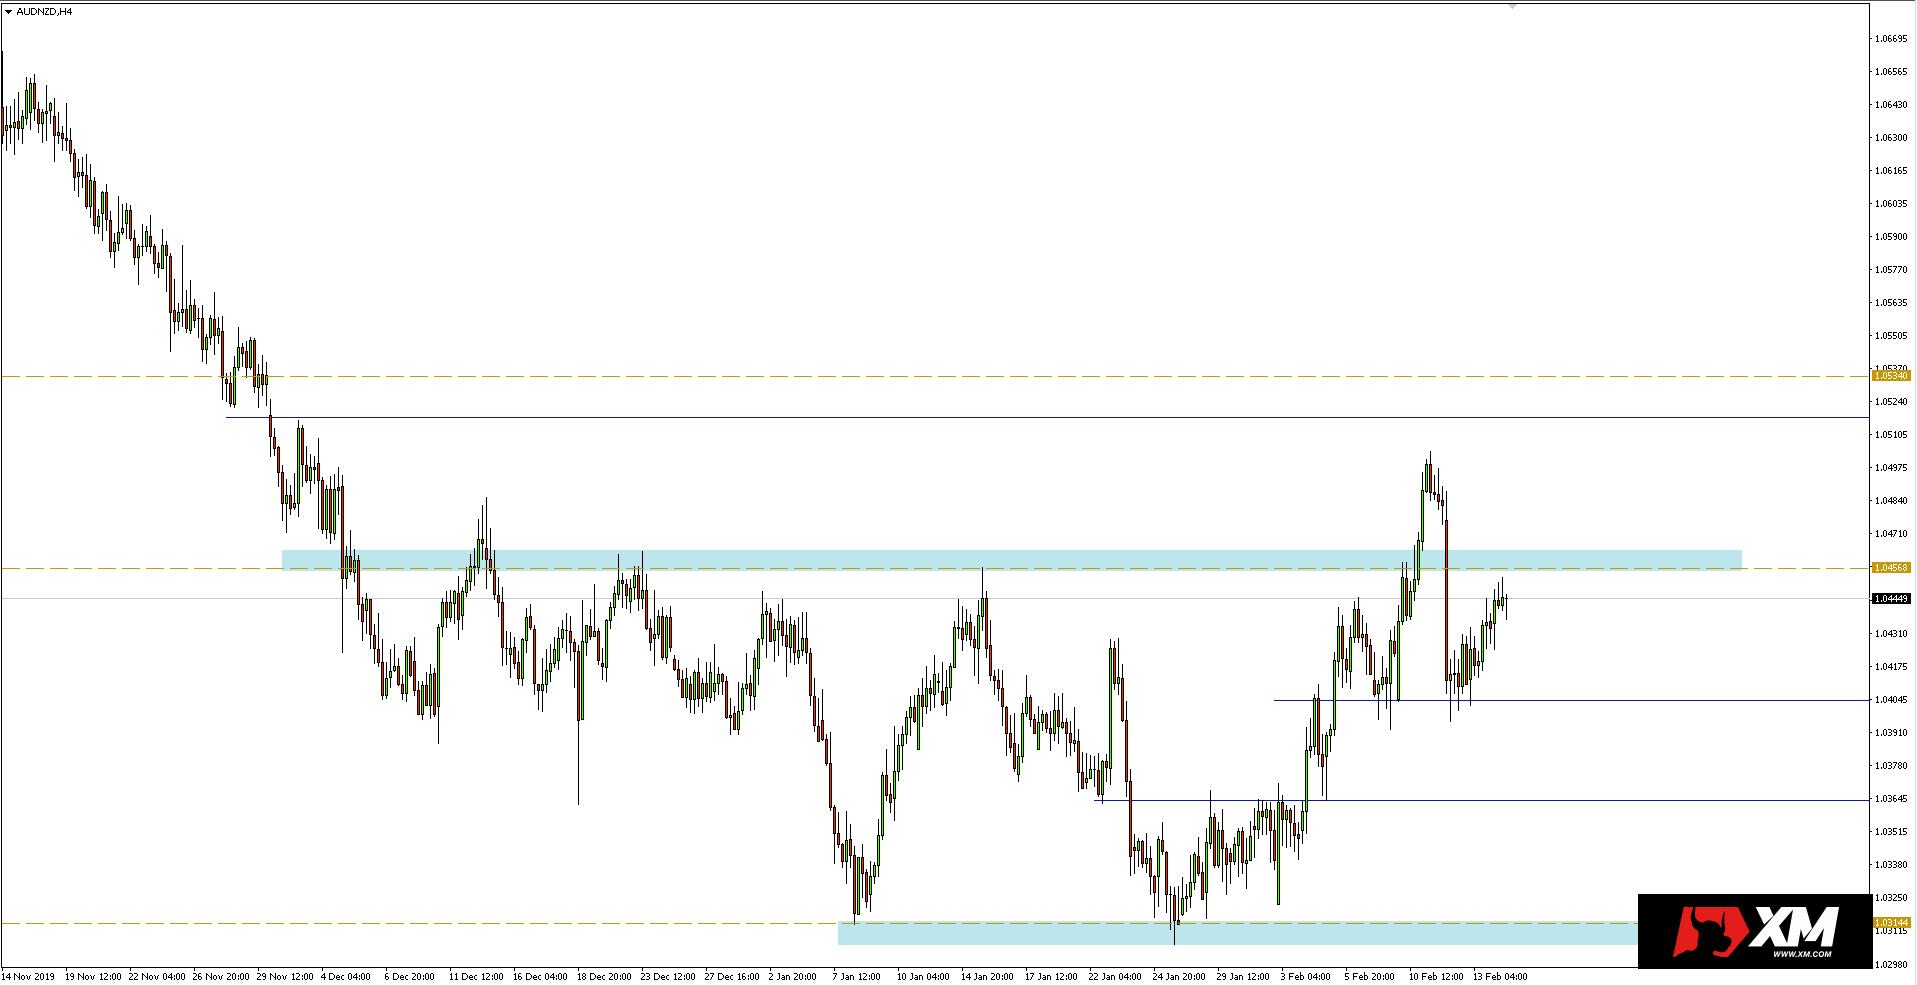 Wykres 4-godzinny pary walutowej AUDNZD - 14 lutego 2020 r.